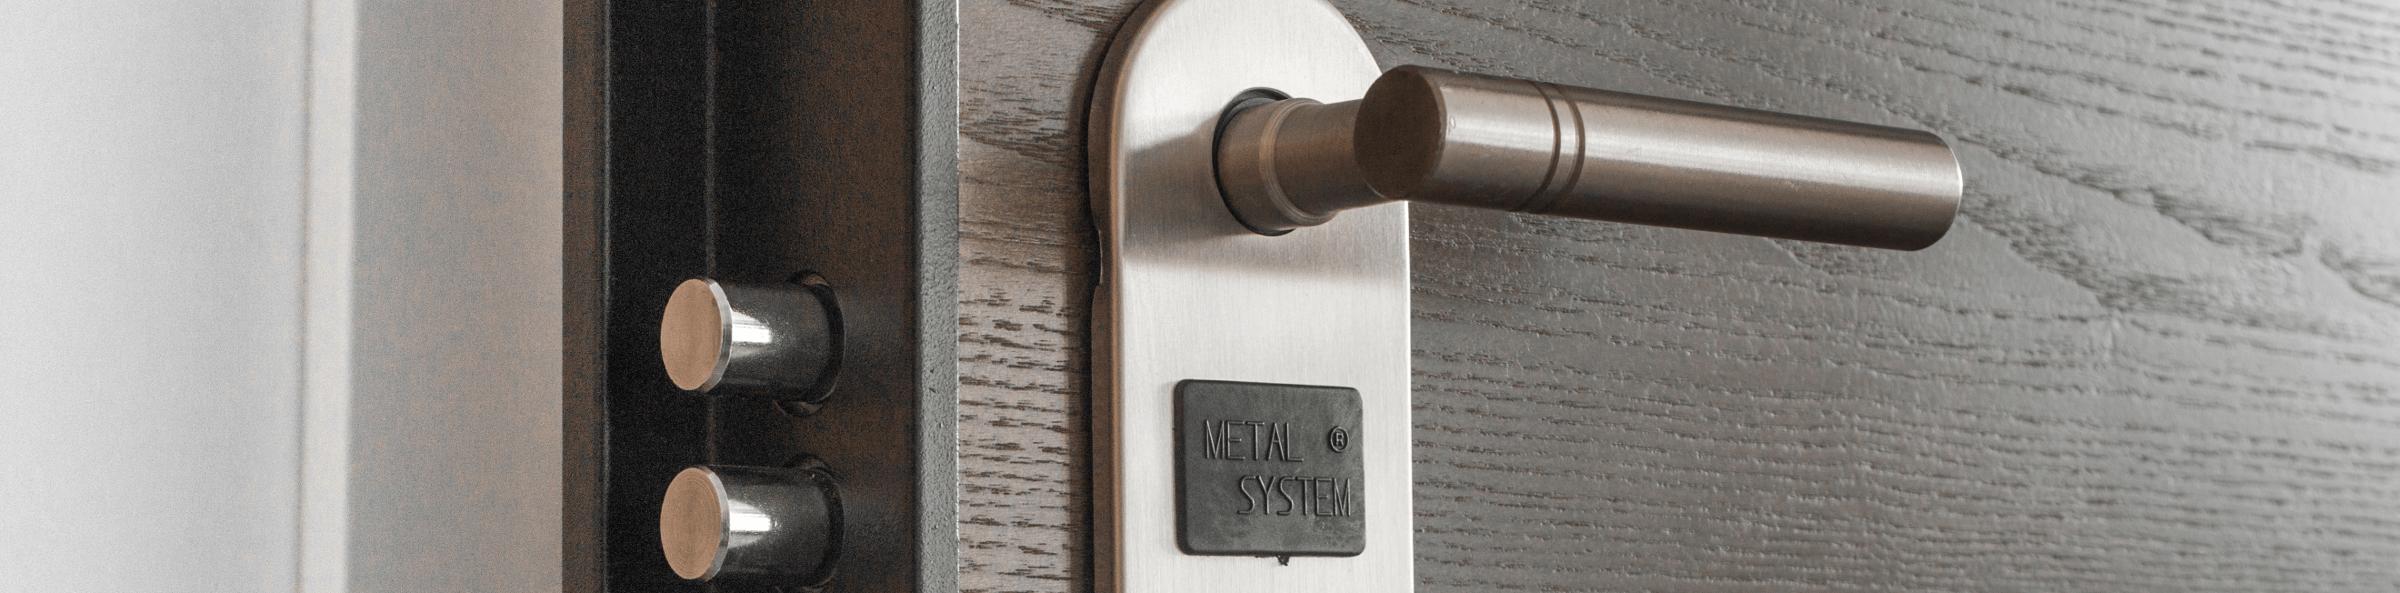 puerta cerrajeria - Cerrajero Barajas Urgente Cerrajeria Barajas 24 Horas